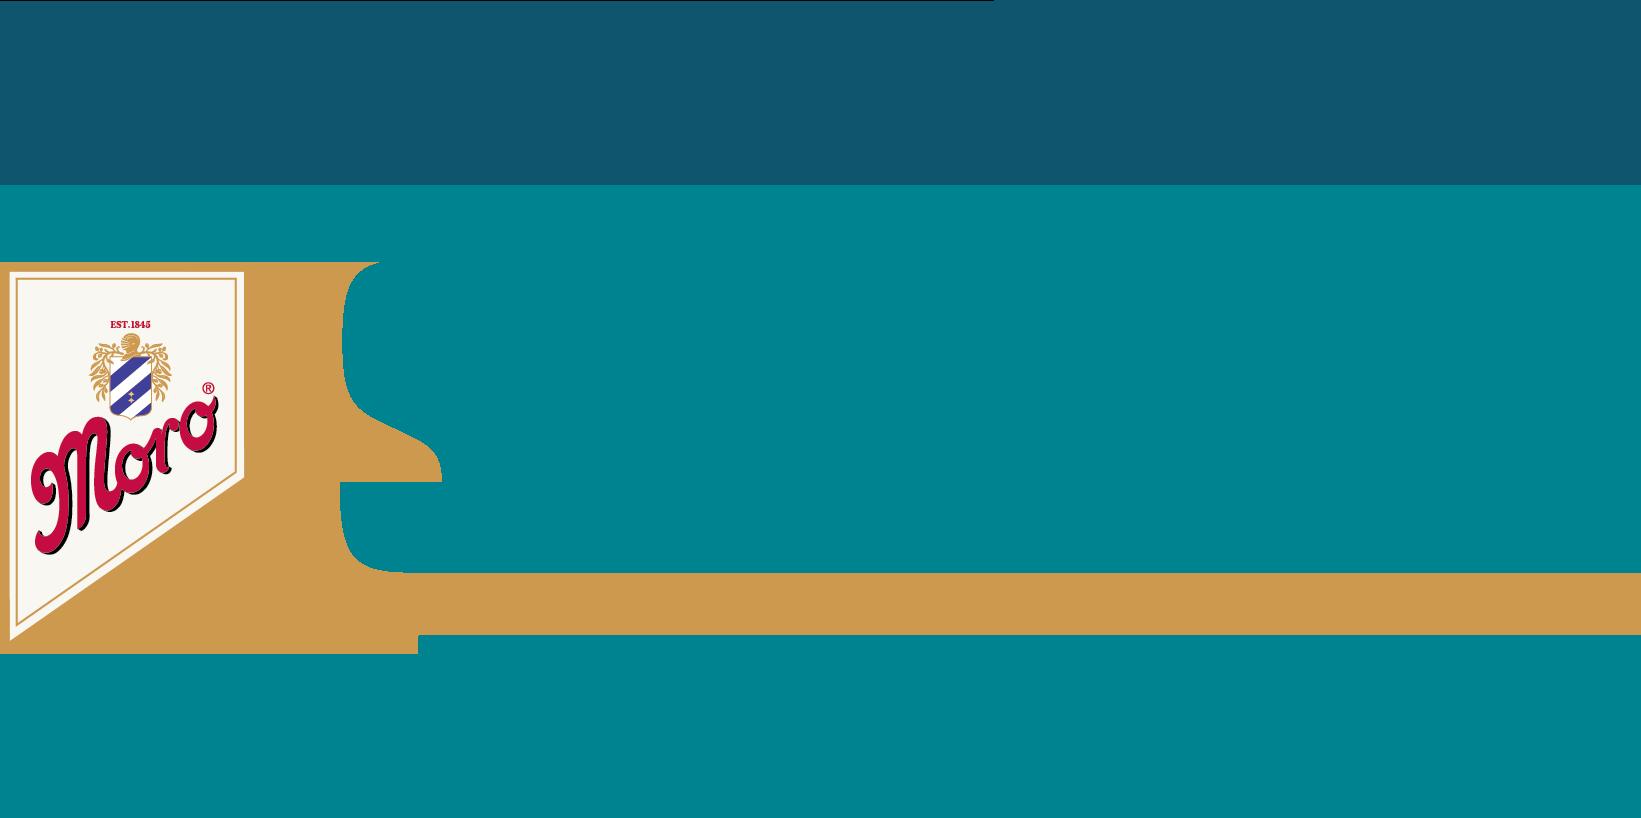 Films 2019 Moro Spanish Film Festival